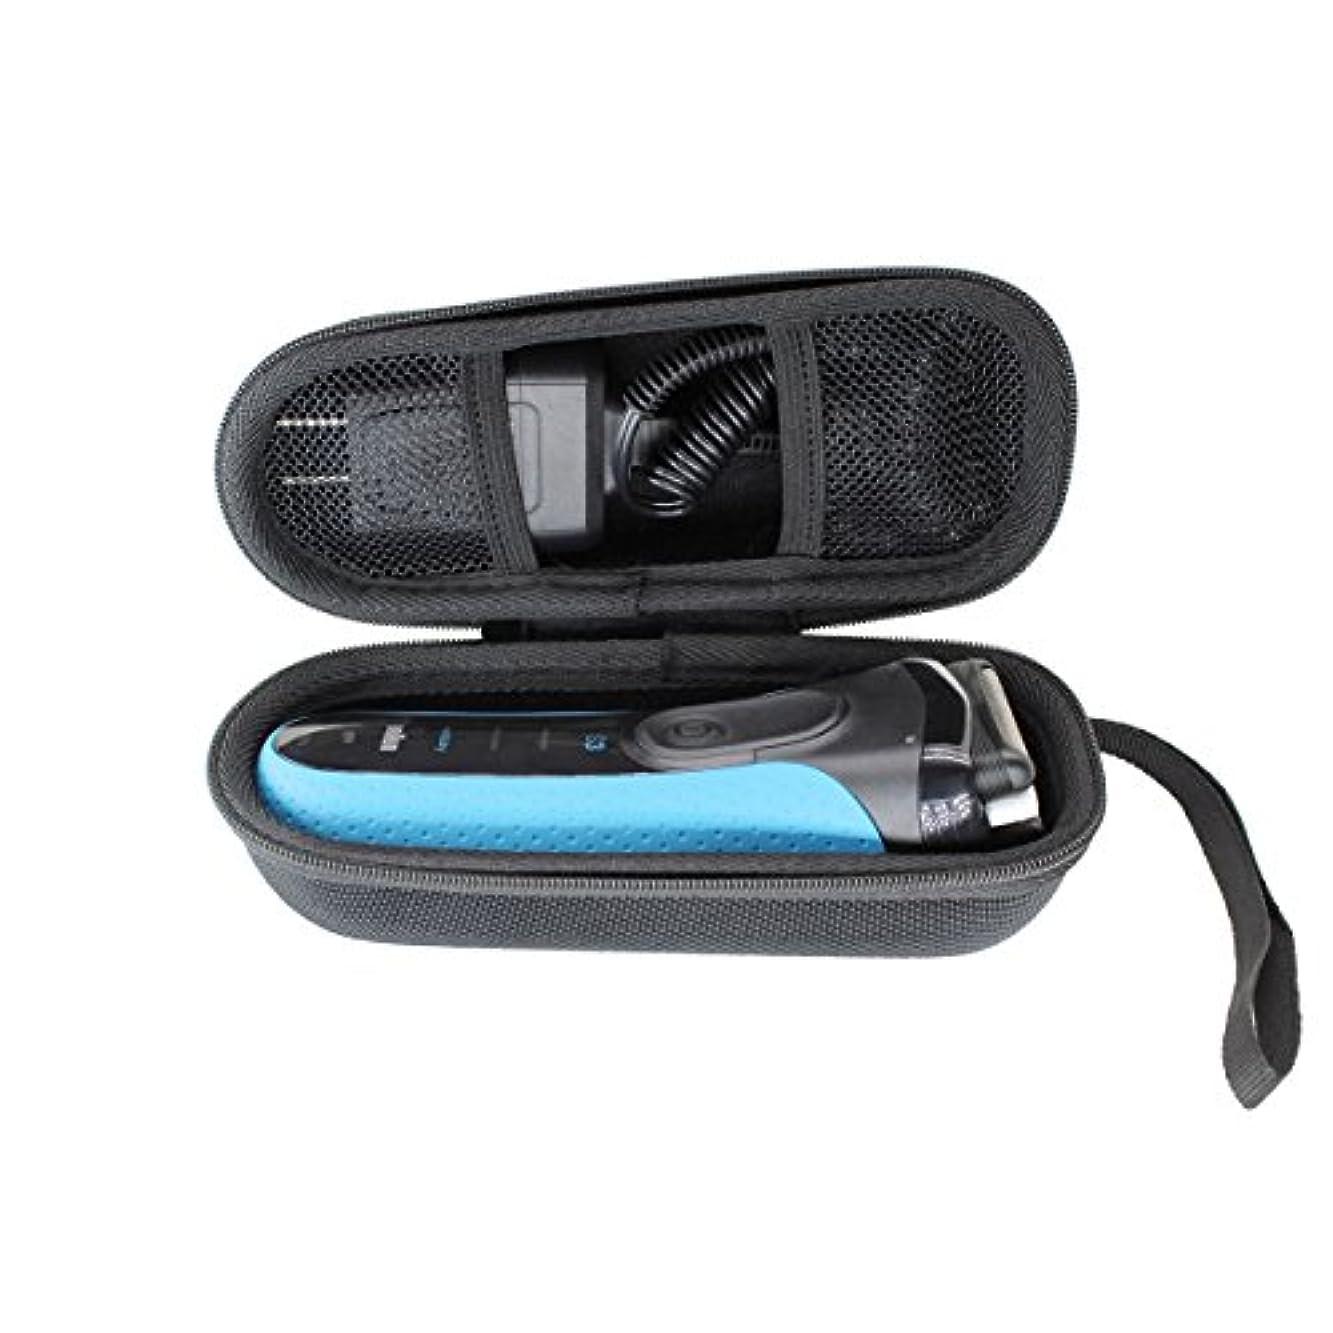 定期的ダース解釈的ハードポータブル旅行用ケースブラウン シリーズ3 メンズ電気シェーバー 3040s 3020s-VIVENS